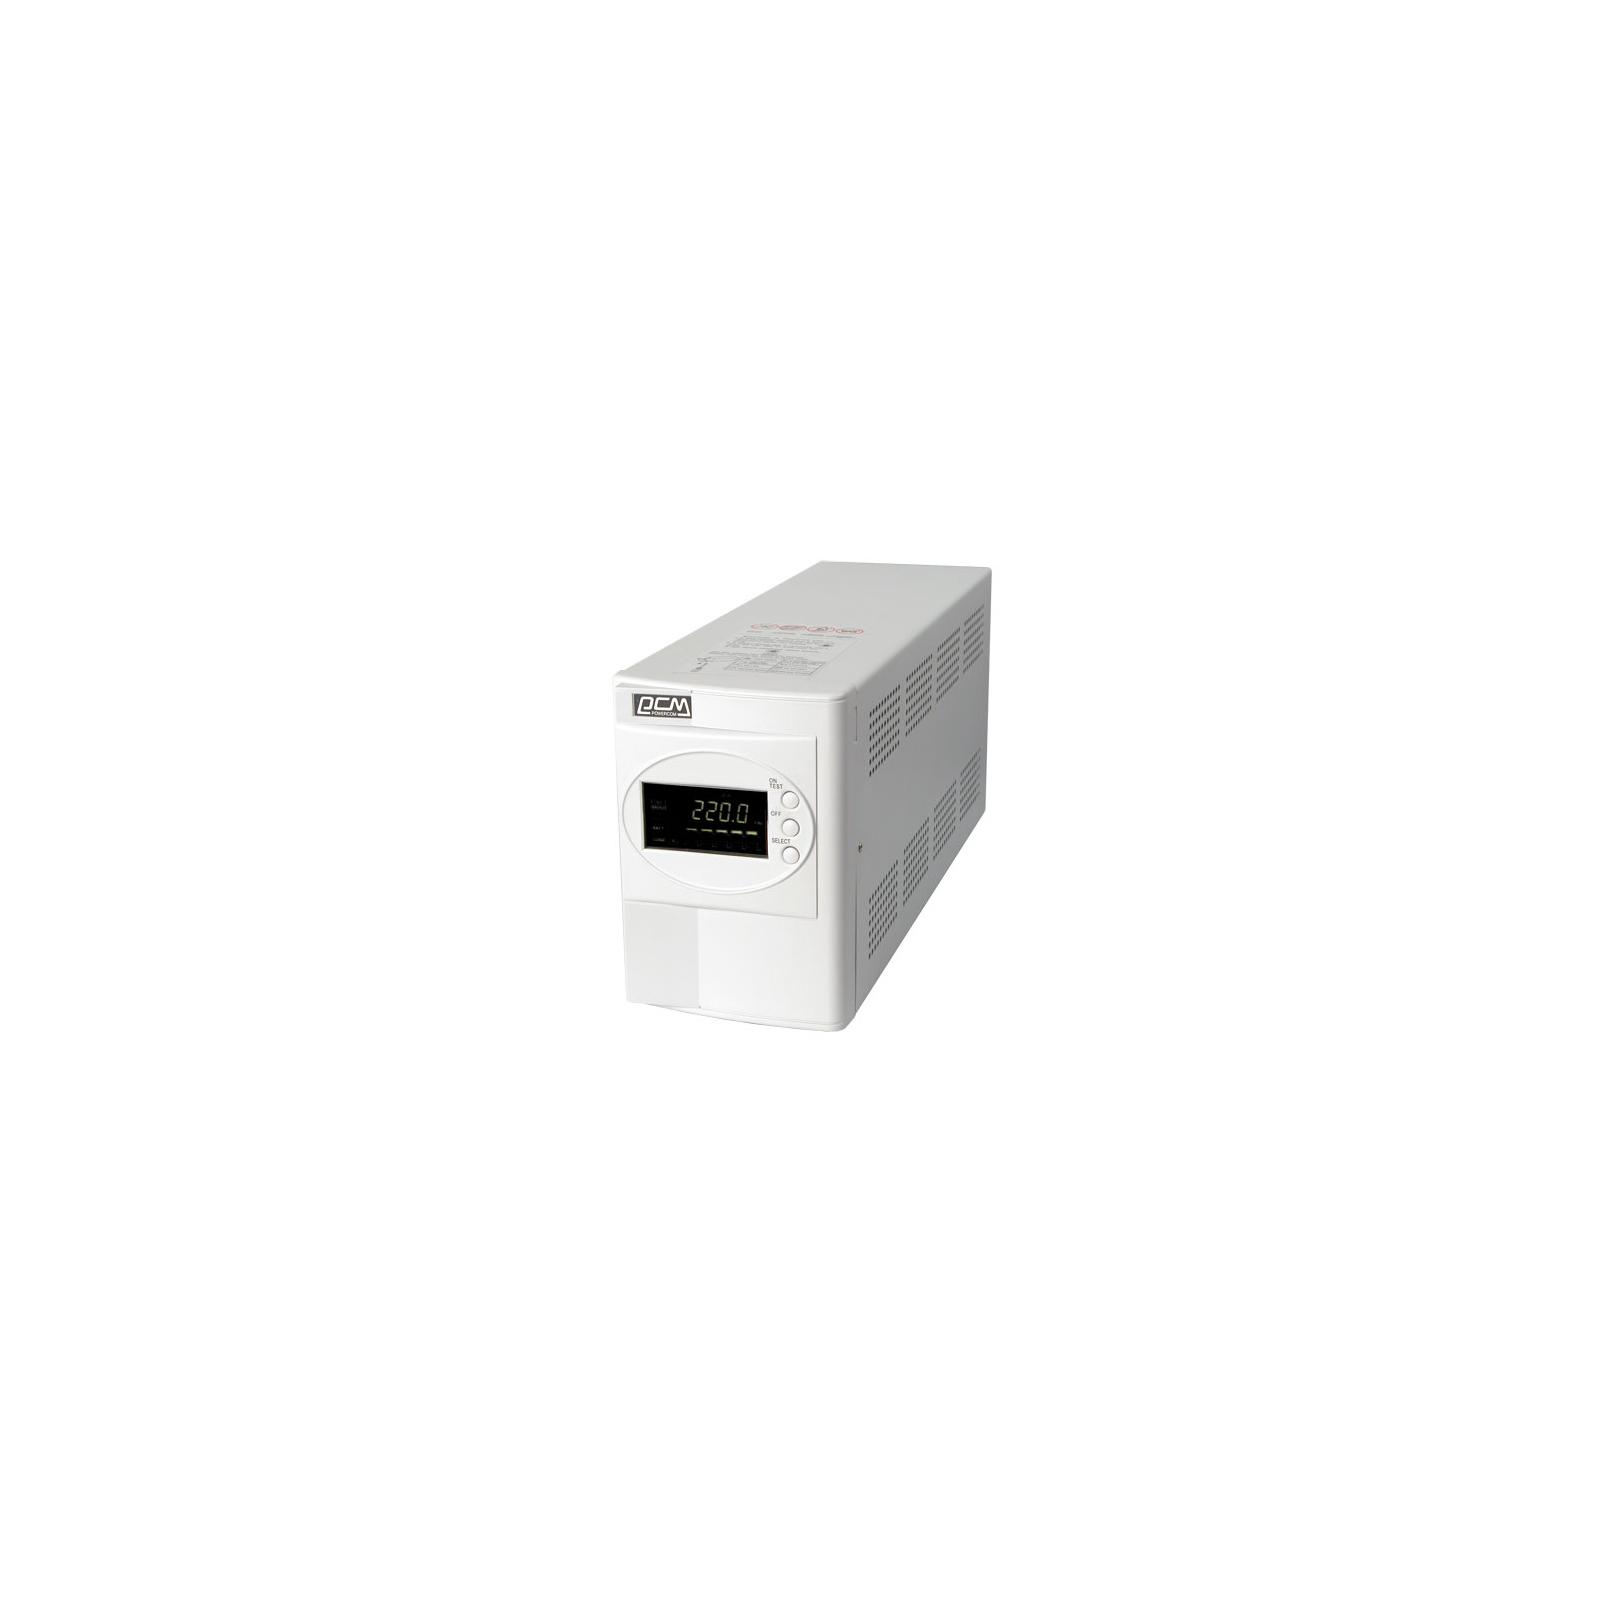 Источник бесперебойного питания Powercom SXL-1000A-LCD (SXL-1K0A-6GC-2440)